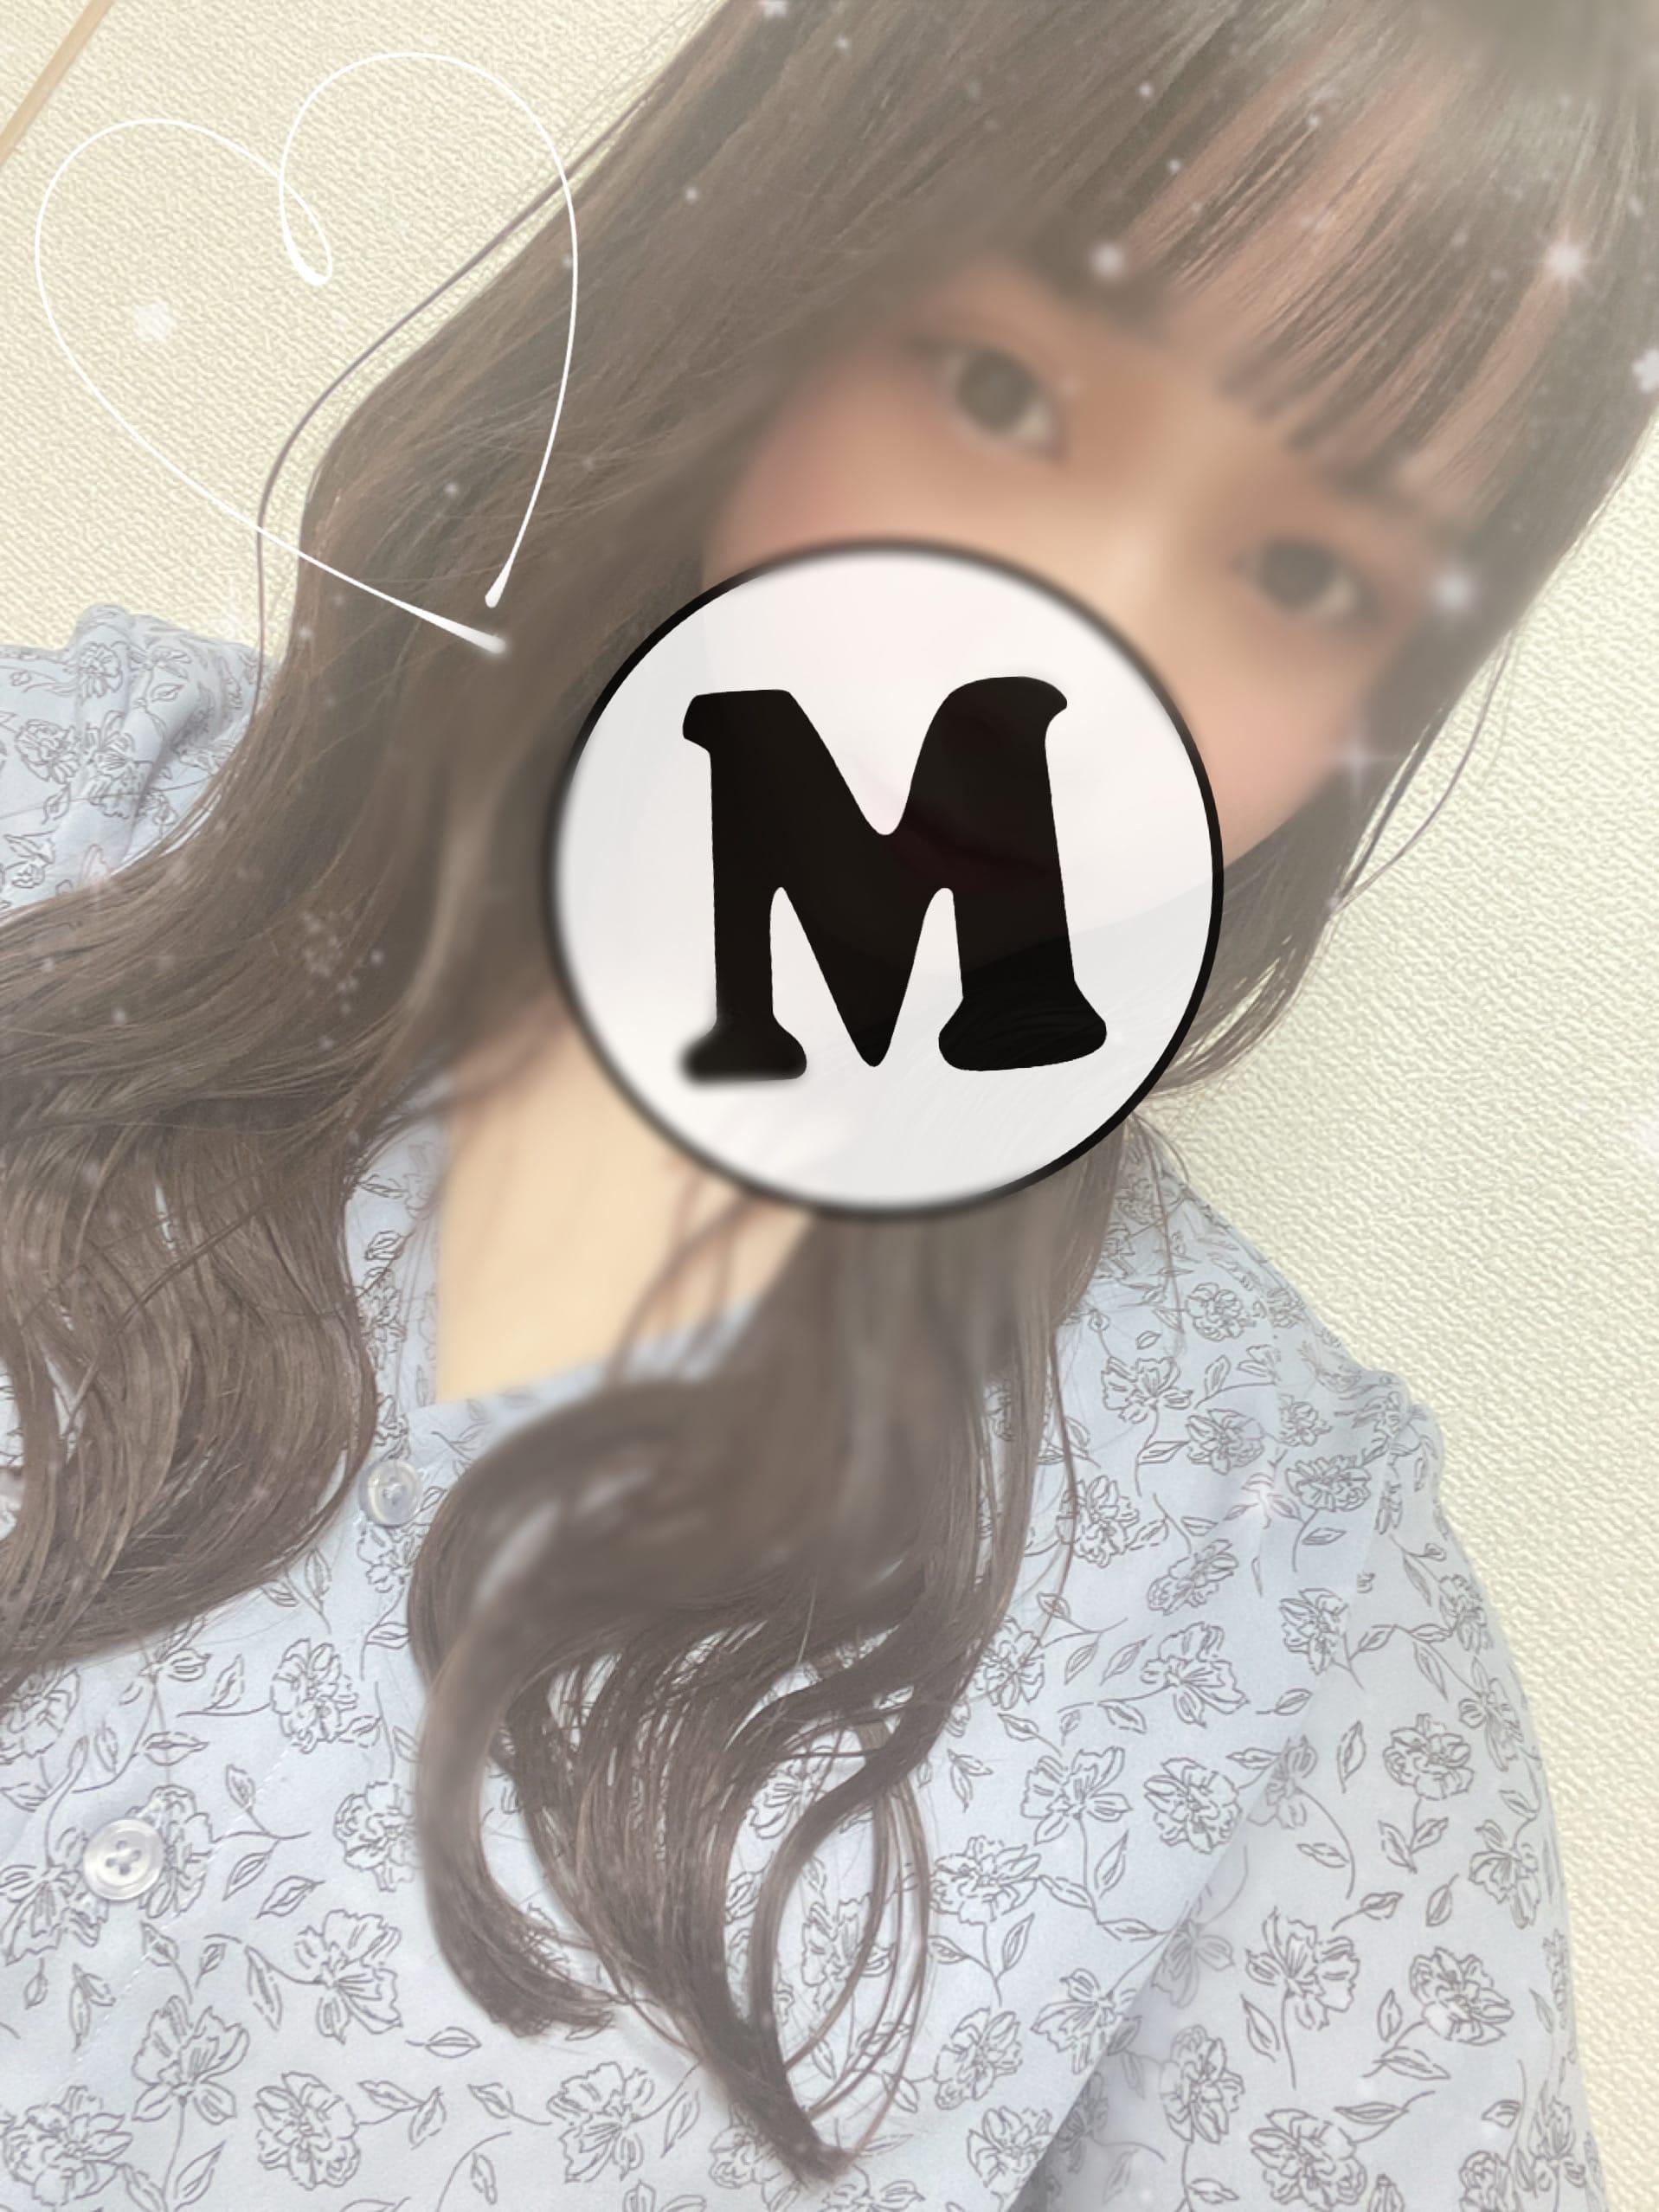 「こんばんは♡」09/05(日) 23:27   もかちゃんの写メ日記